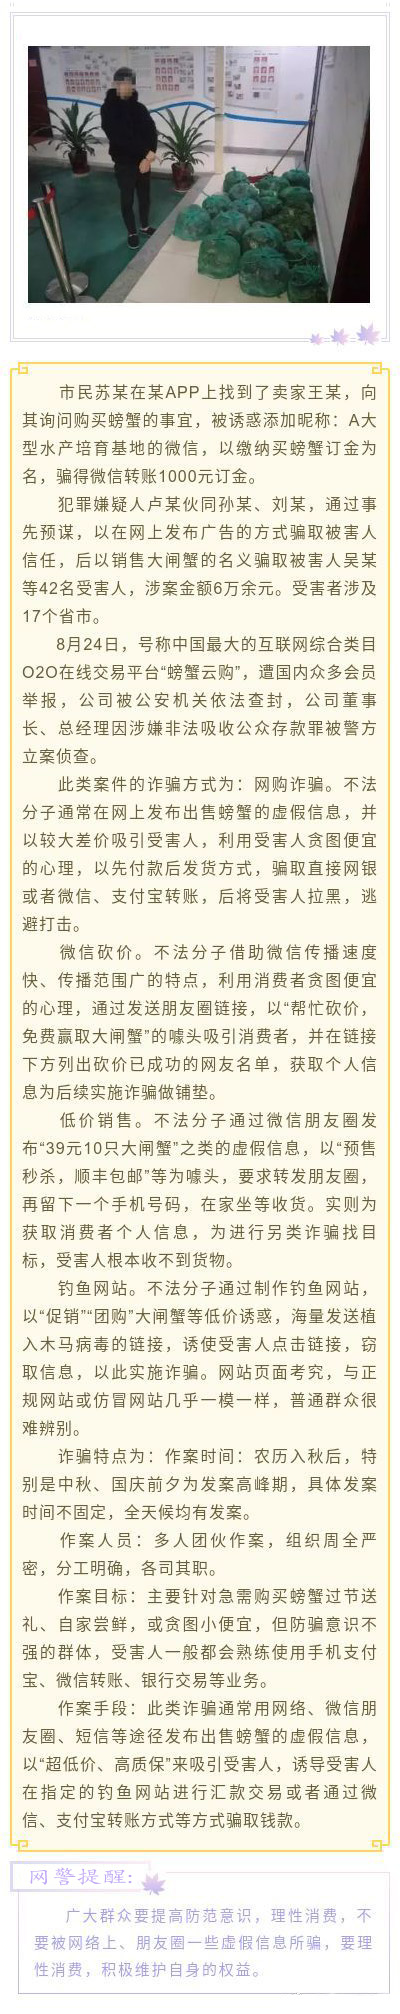 """警惕""""网购螃蟹""""诈骗"""